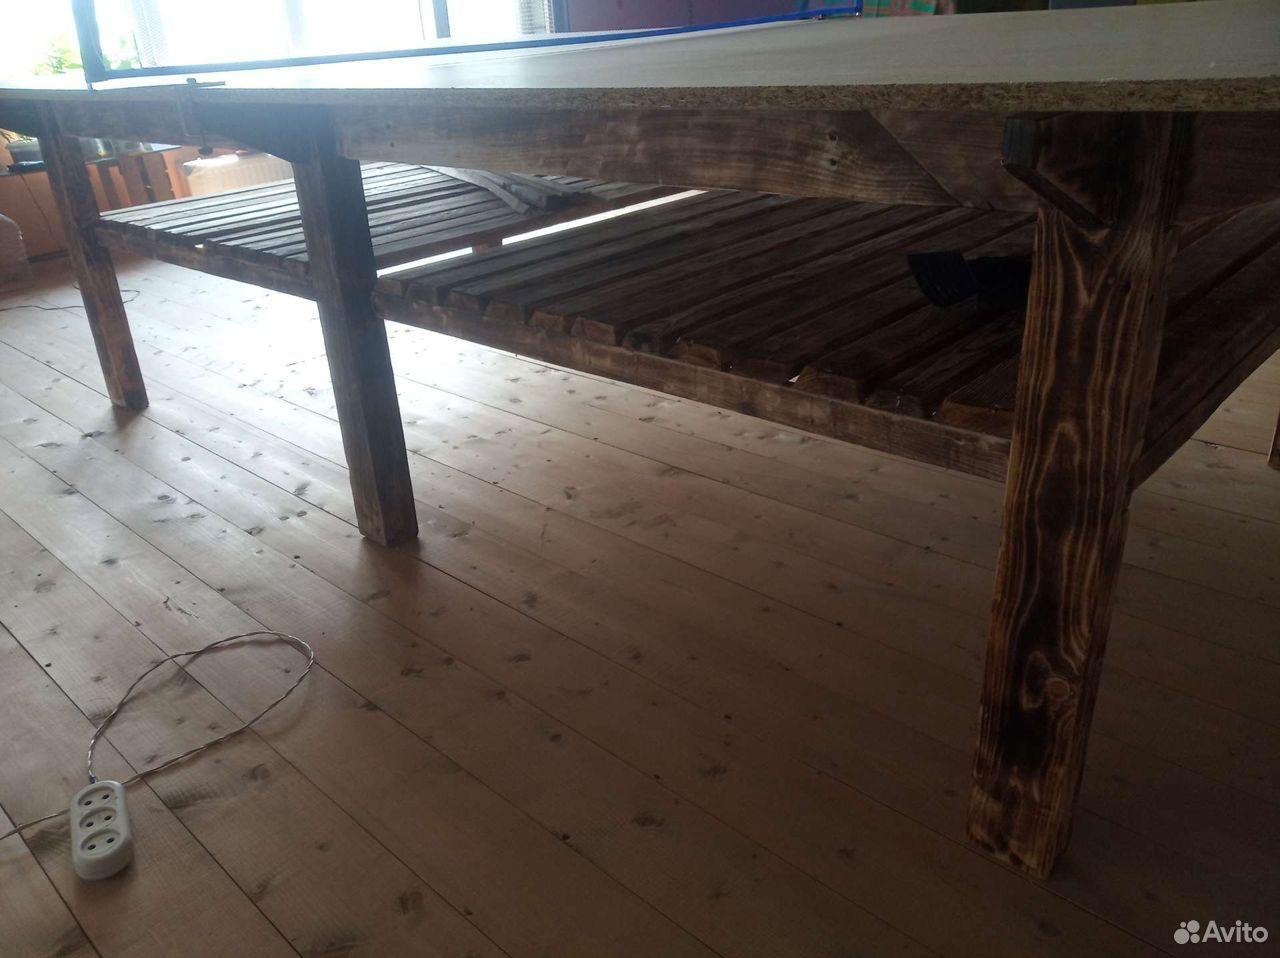 Теннисный стол из массива дерева  89289277679 купить 3